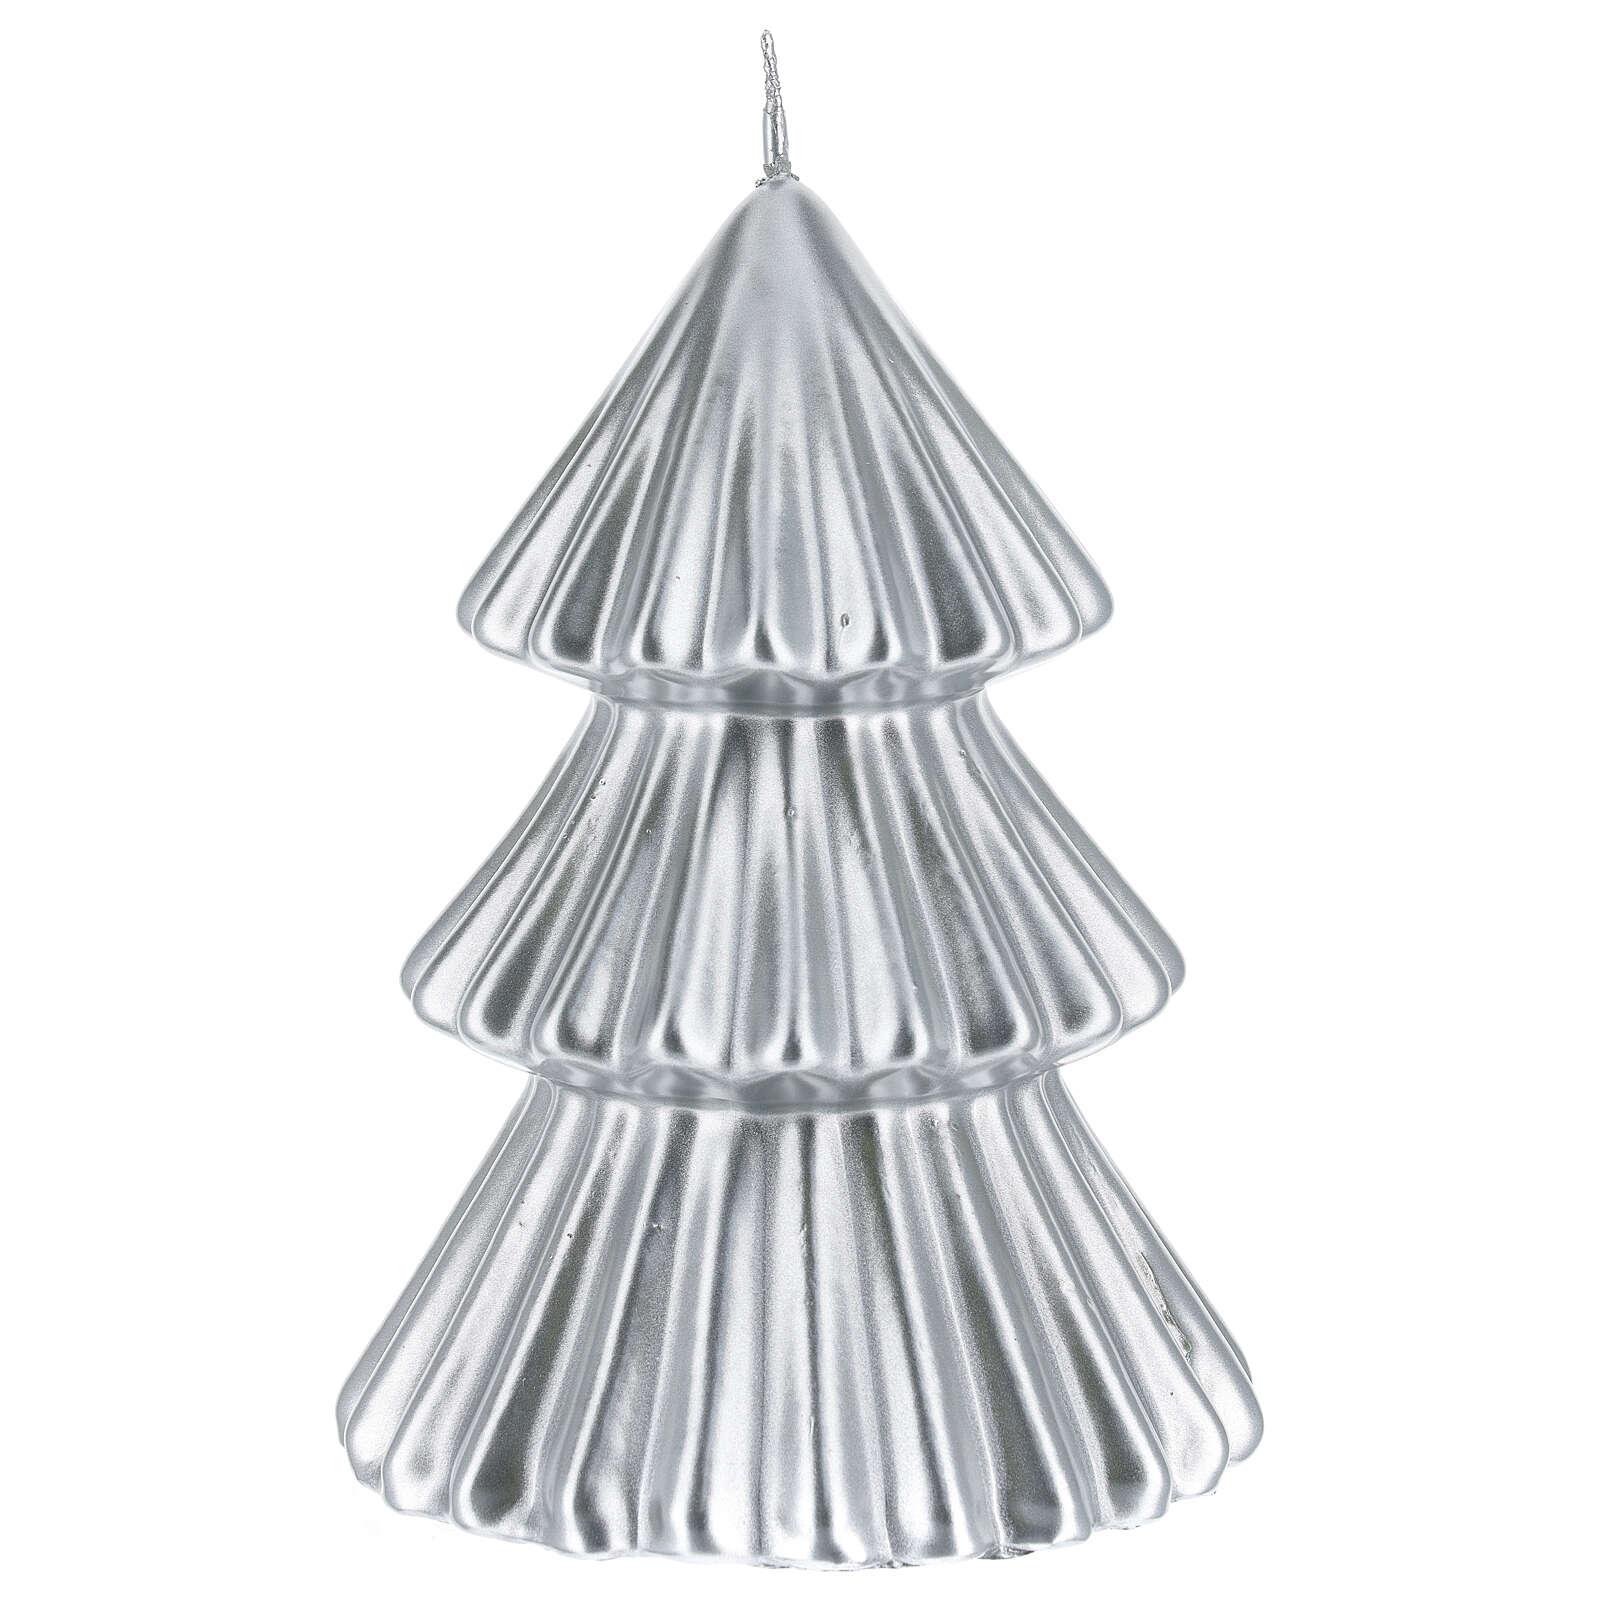 Vela de Natal árvore prateada modelo Tokyo 17 cm 3